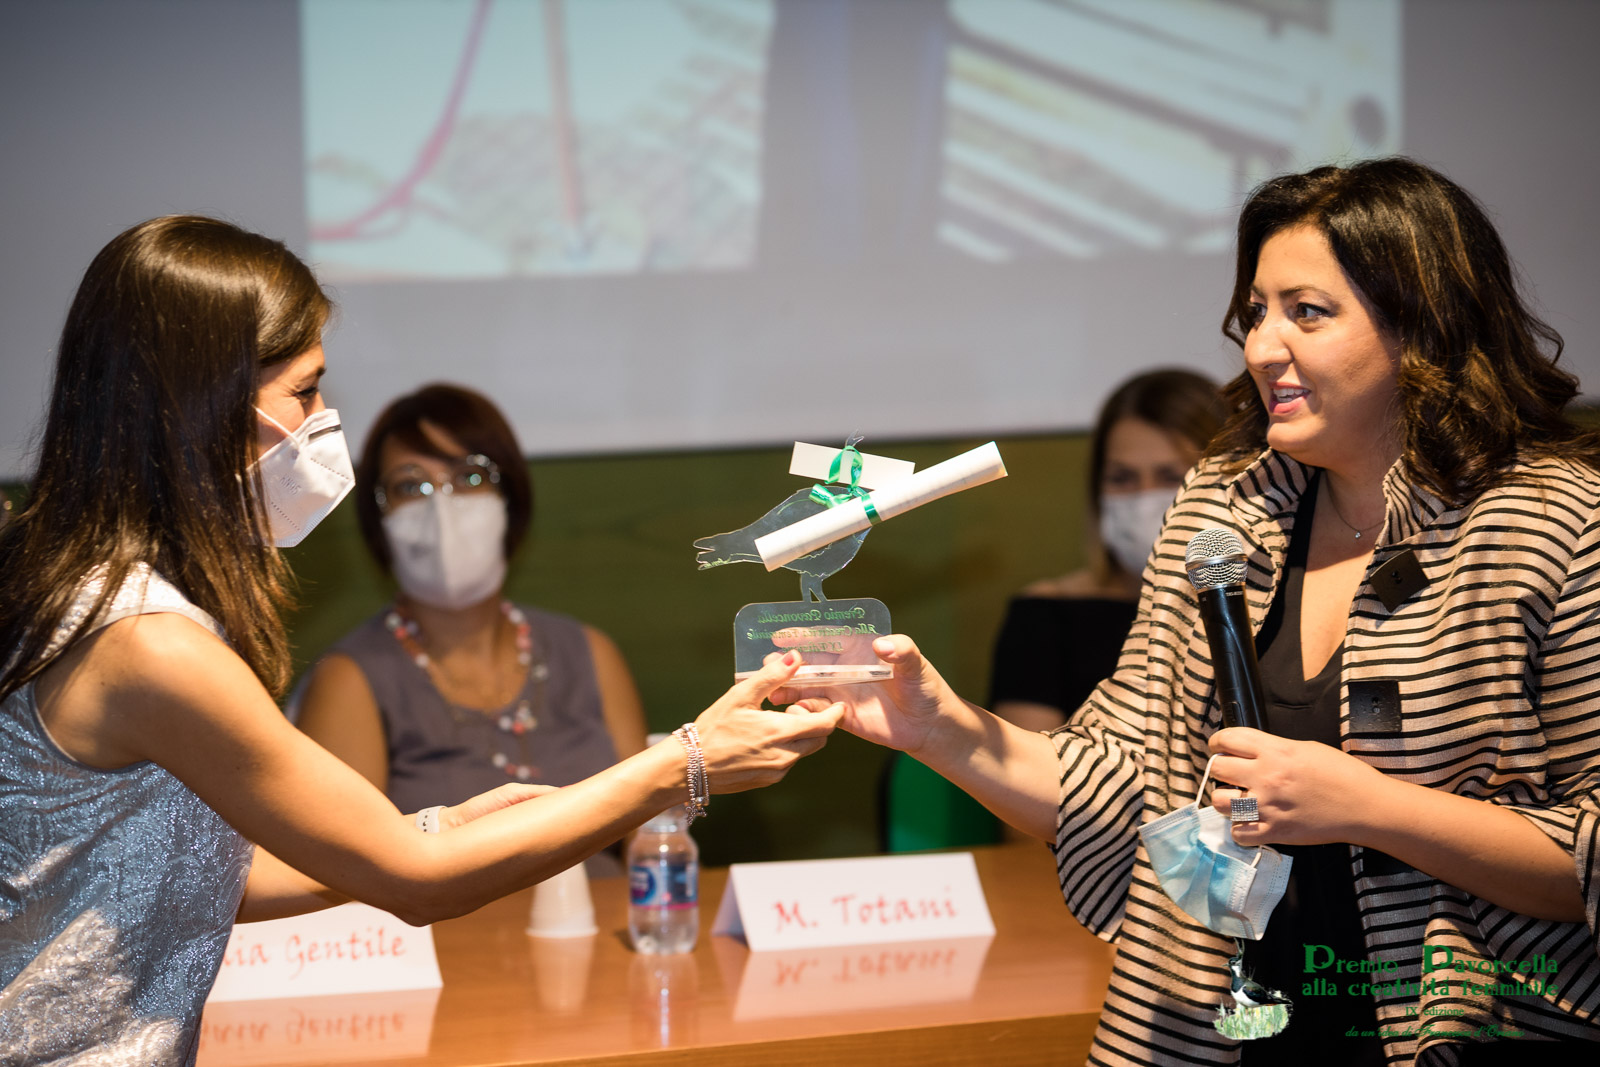 La dottoressa Anna Maria Altomare premia con borsa di studio per la Ricerca Scientifica, Emanuela dell'Aquila